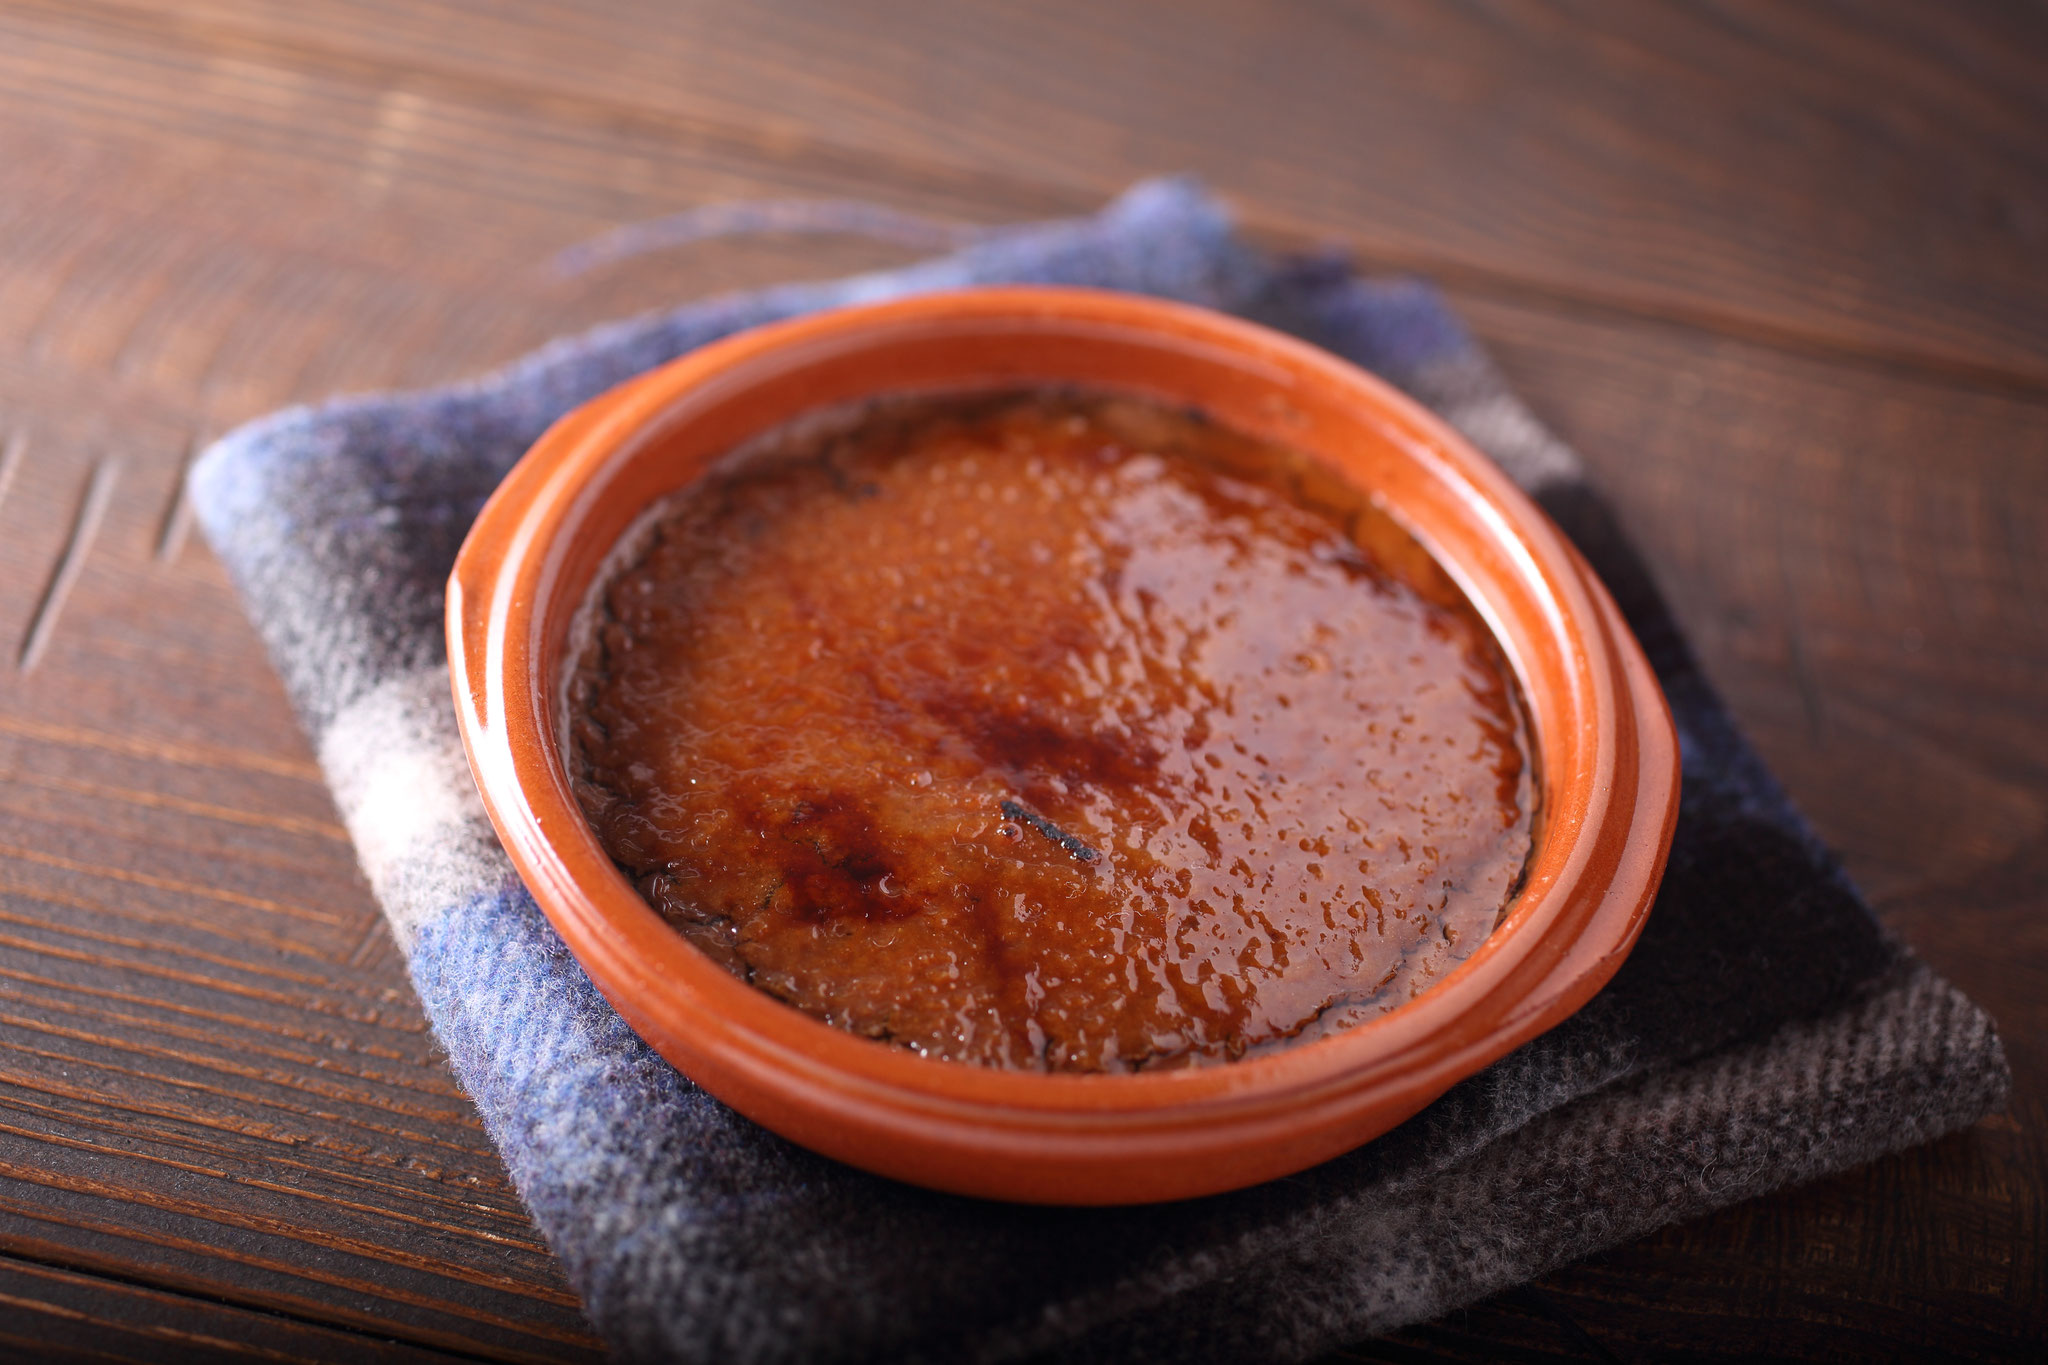 スペインの郷土菓子「クレマカタラーナ」